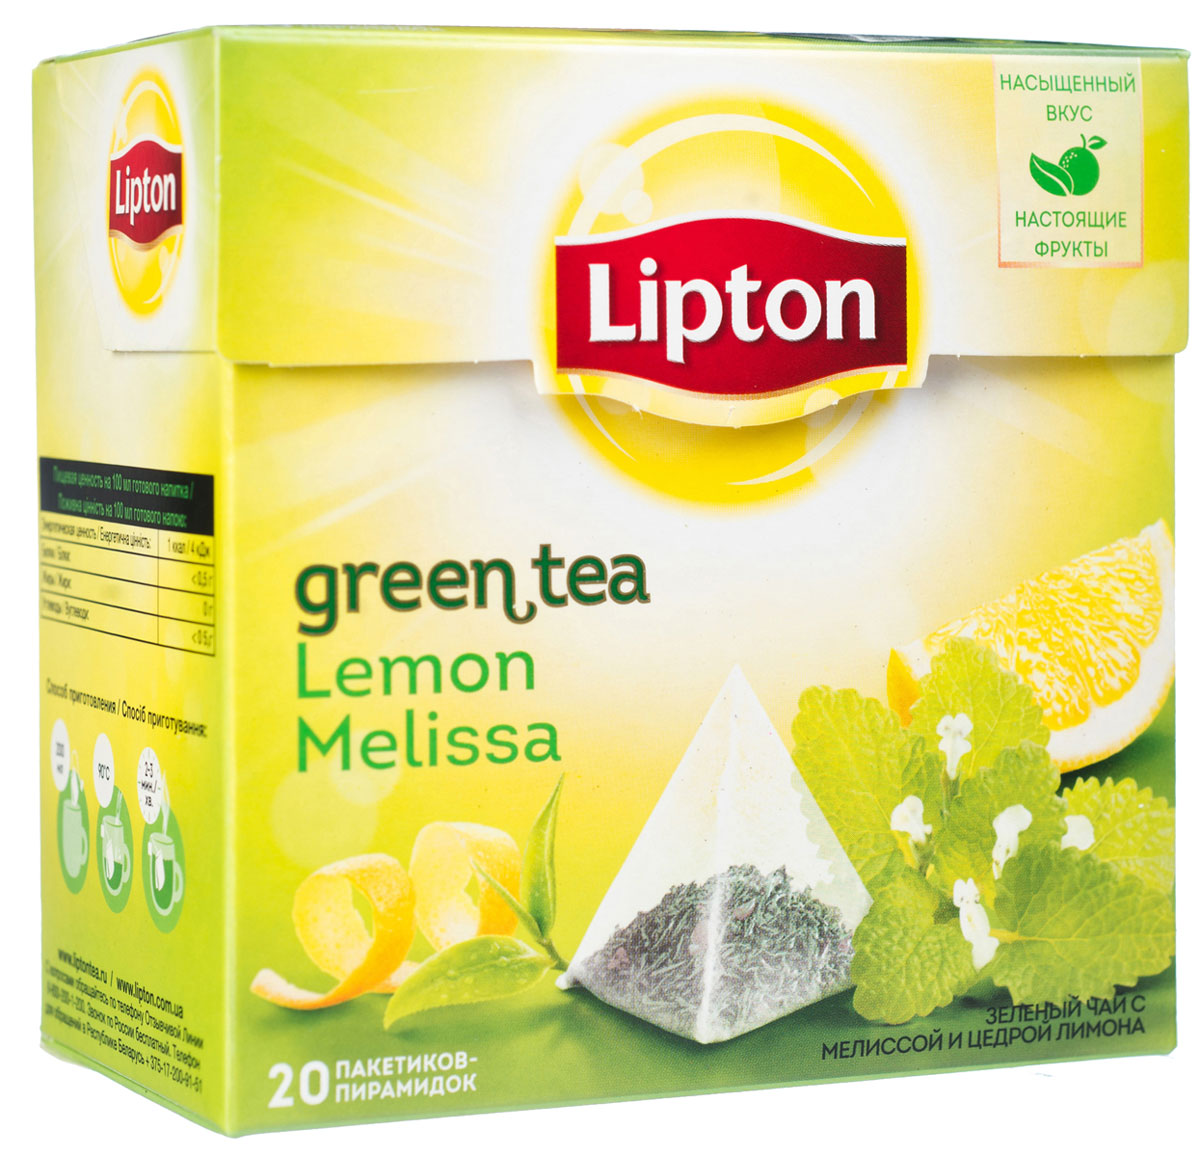 Lipton Lemon Melissa Green Tea зеленый чай в пирамидках с листочками лимонной мяты 20 шт67009797/21187930/65414956Lipton Lemon Melissa - зеленый чай с лимонной мятой. Когда нежный зеленый чай встречается с дерзким фруктово-травяным коктейлем, образуется восхитительный дуэт. Тщательно отобранные и бережно высушенные молодые чайные листочки, дополненные свежестью лимонной цедры и листиков мелиссы, подарят легкий вкус, в котором почти не осталось места для горечи. Свободное пространство в пакетике-пирамидке позволяет купажу полностью раскрыться.